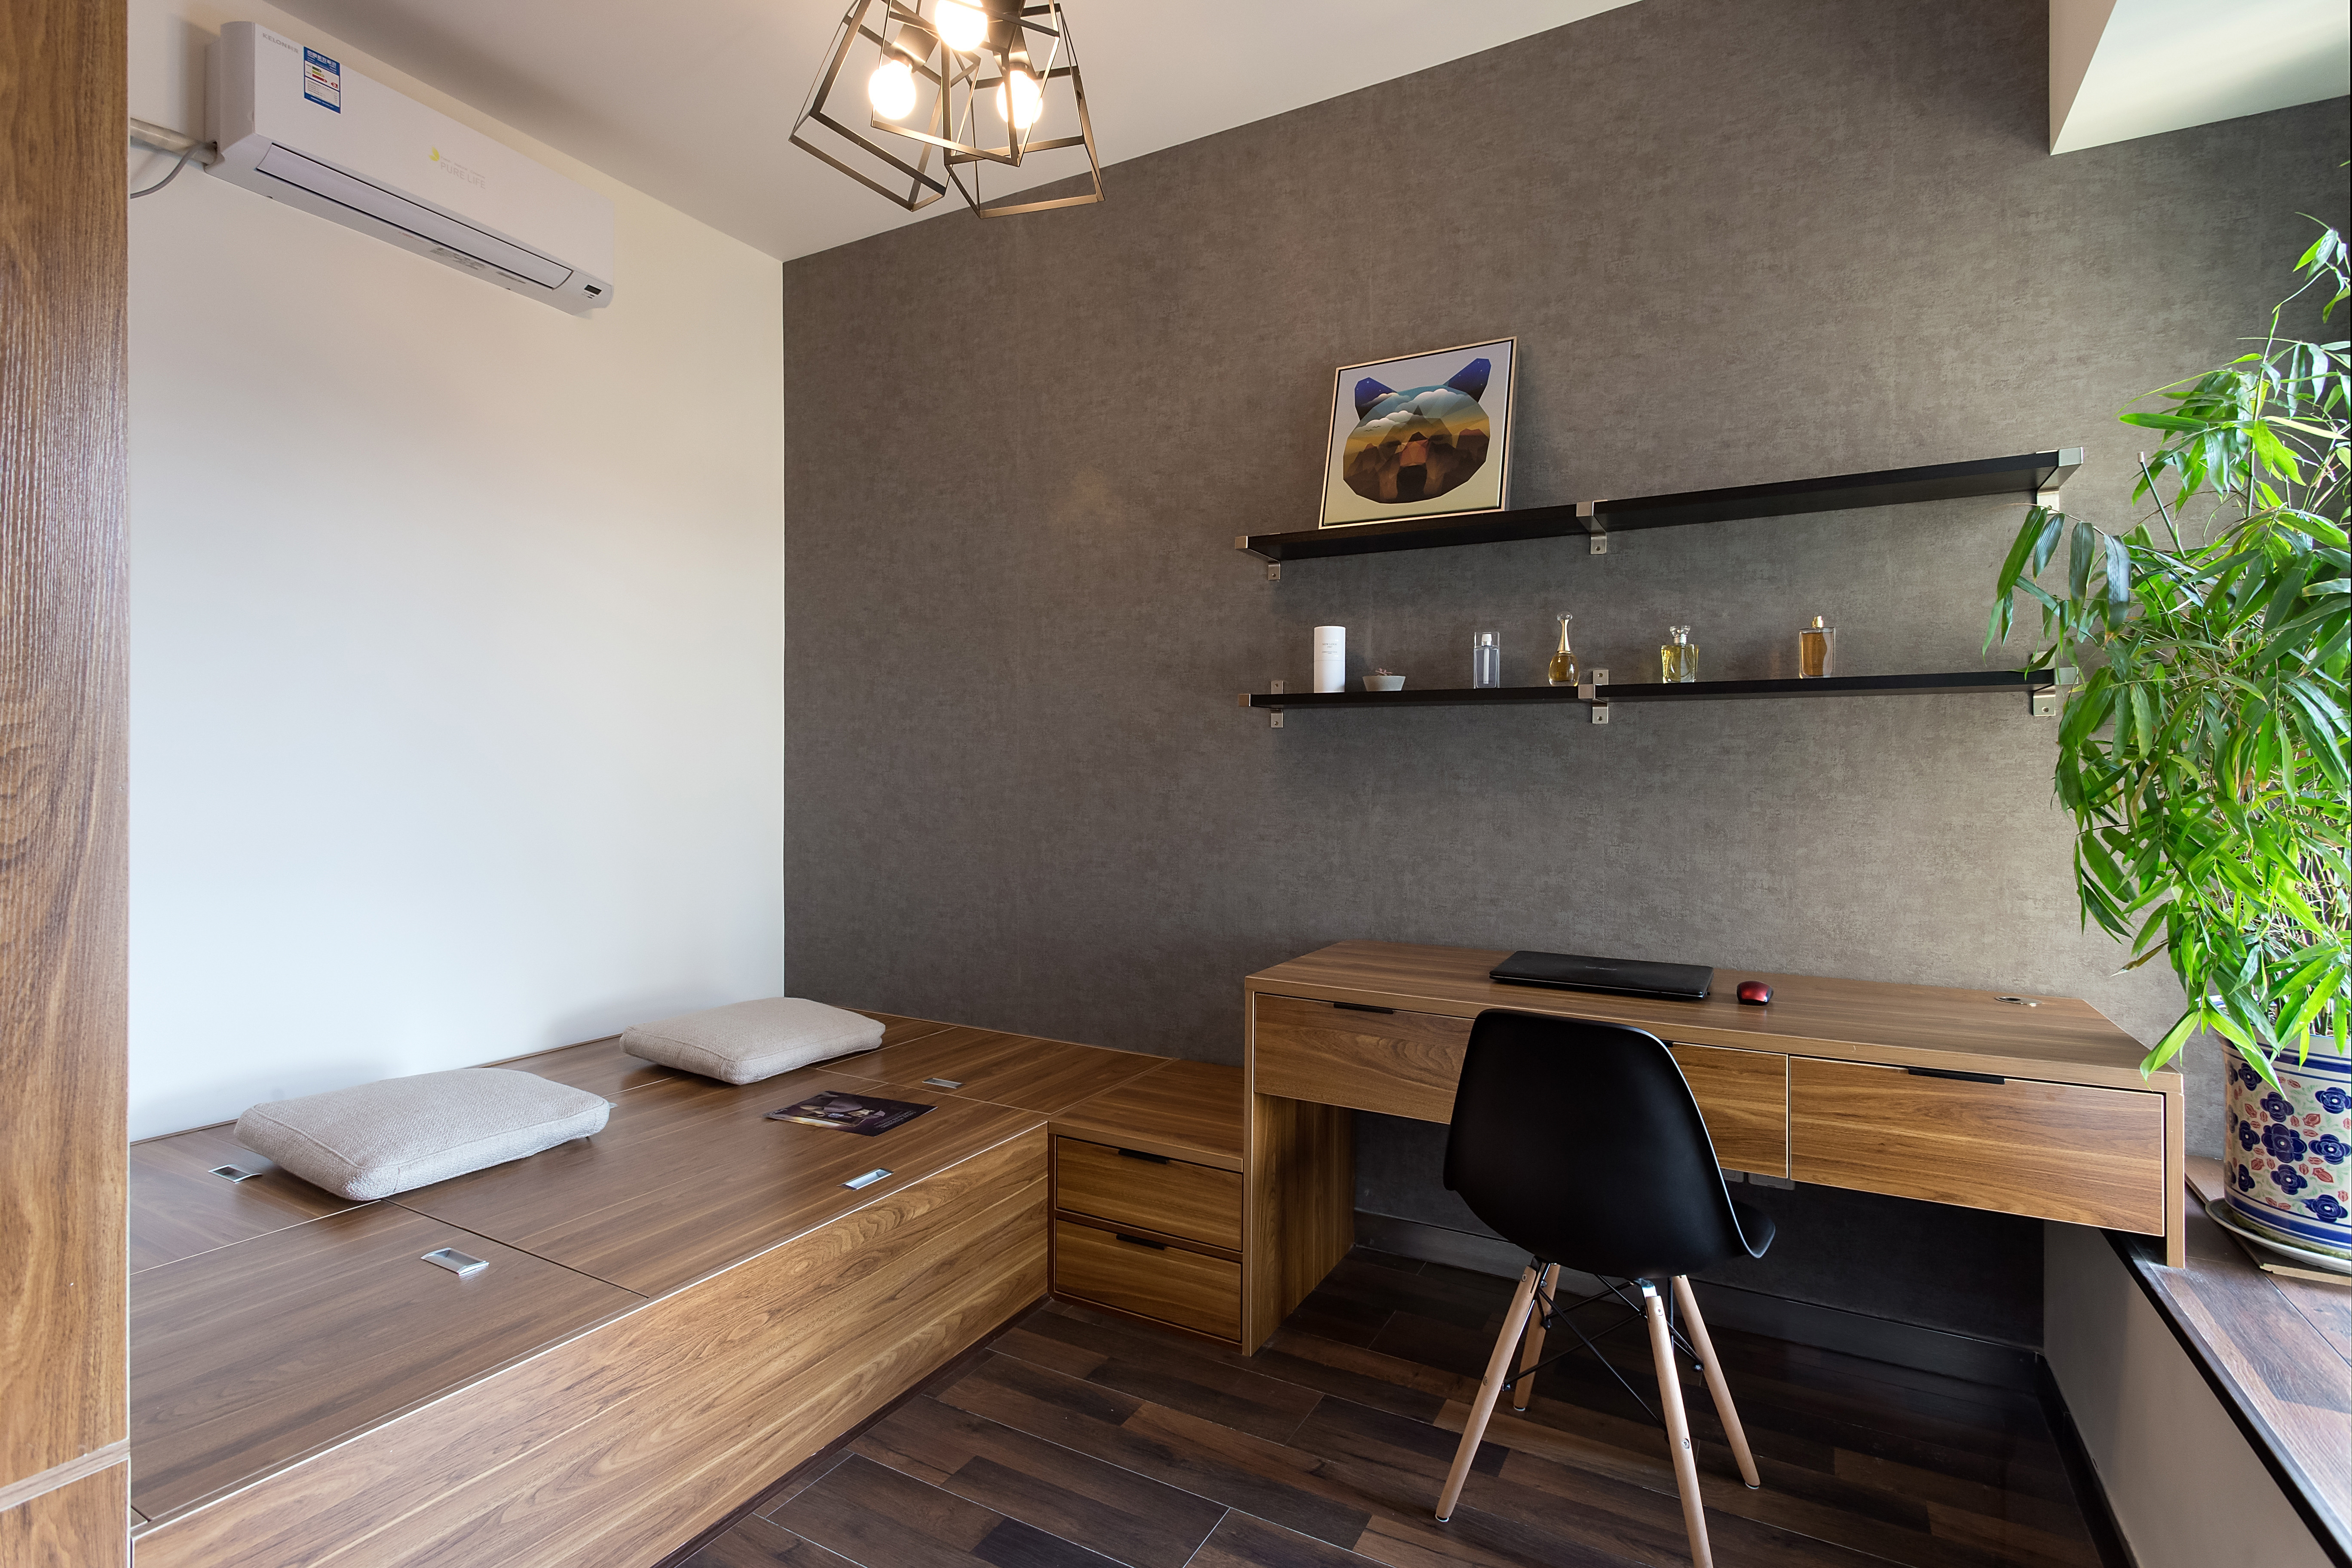 二居室简约风格榻榻米设计